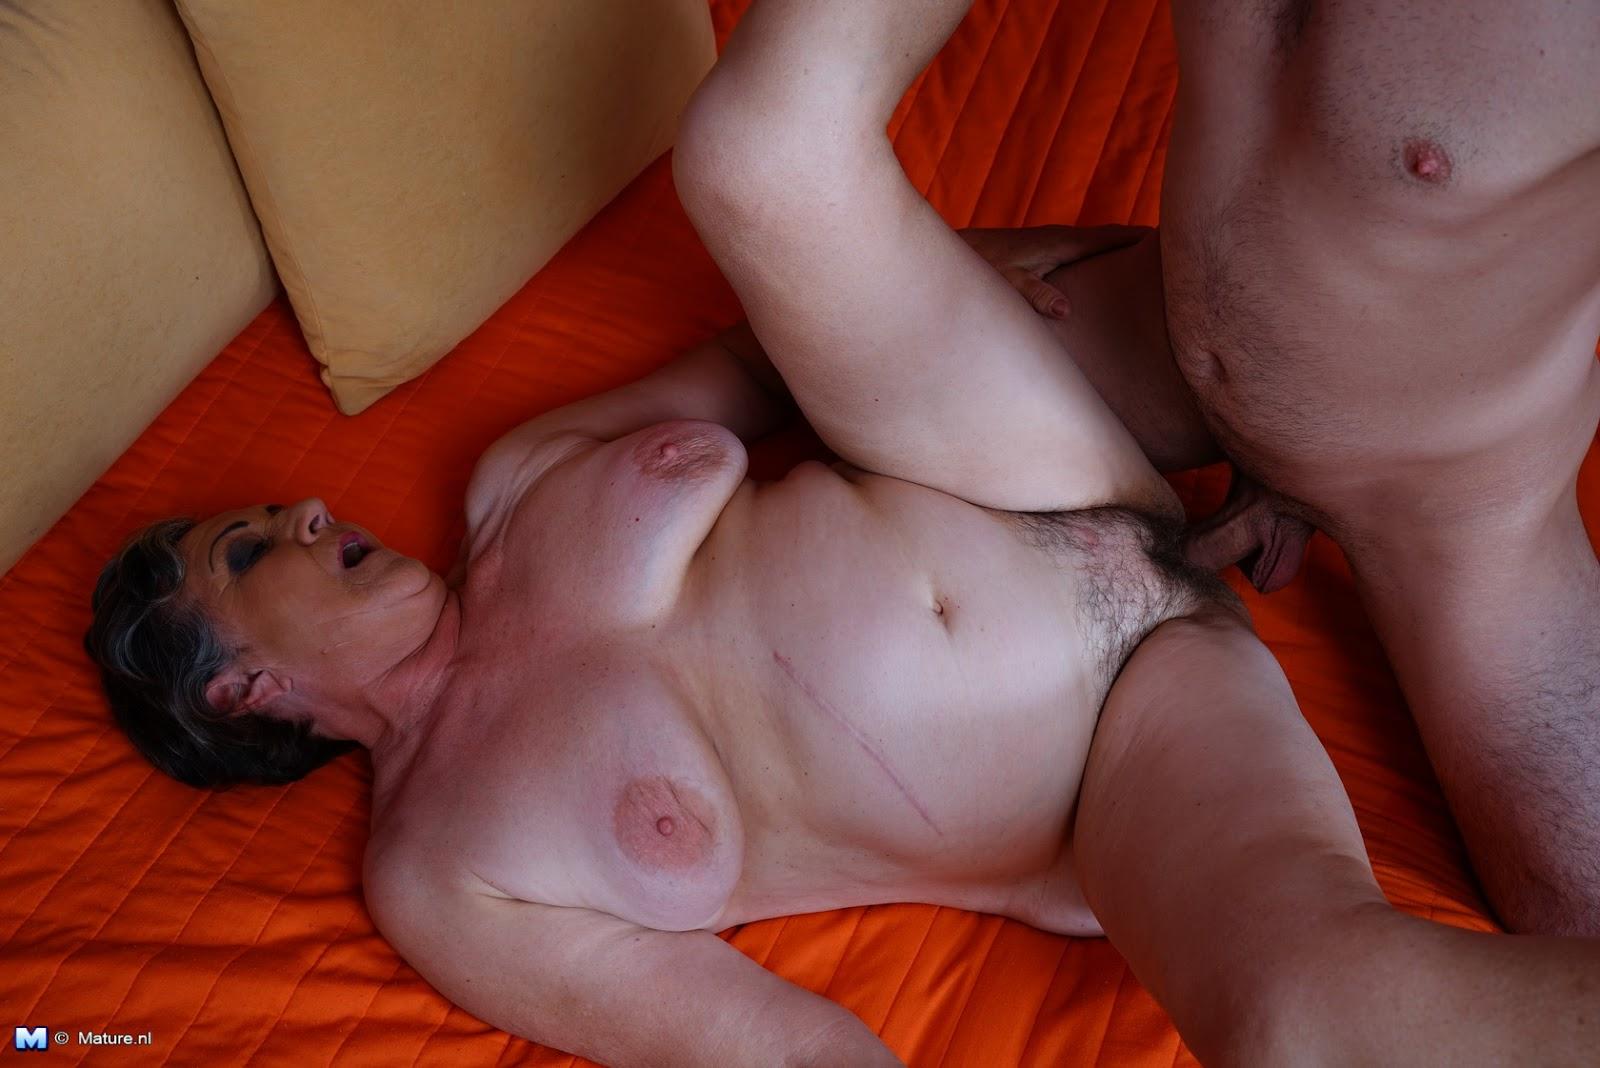 ... Com Alena Mature Long Tits | Kumpulan Berbagai Gambar Memek | GMO